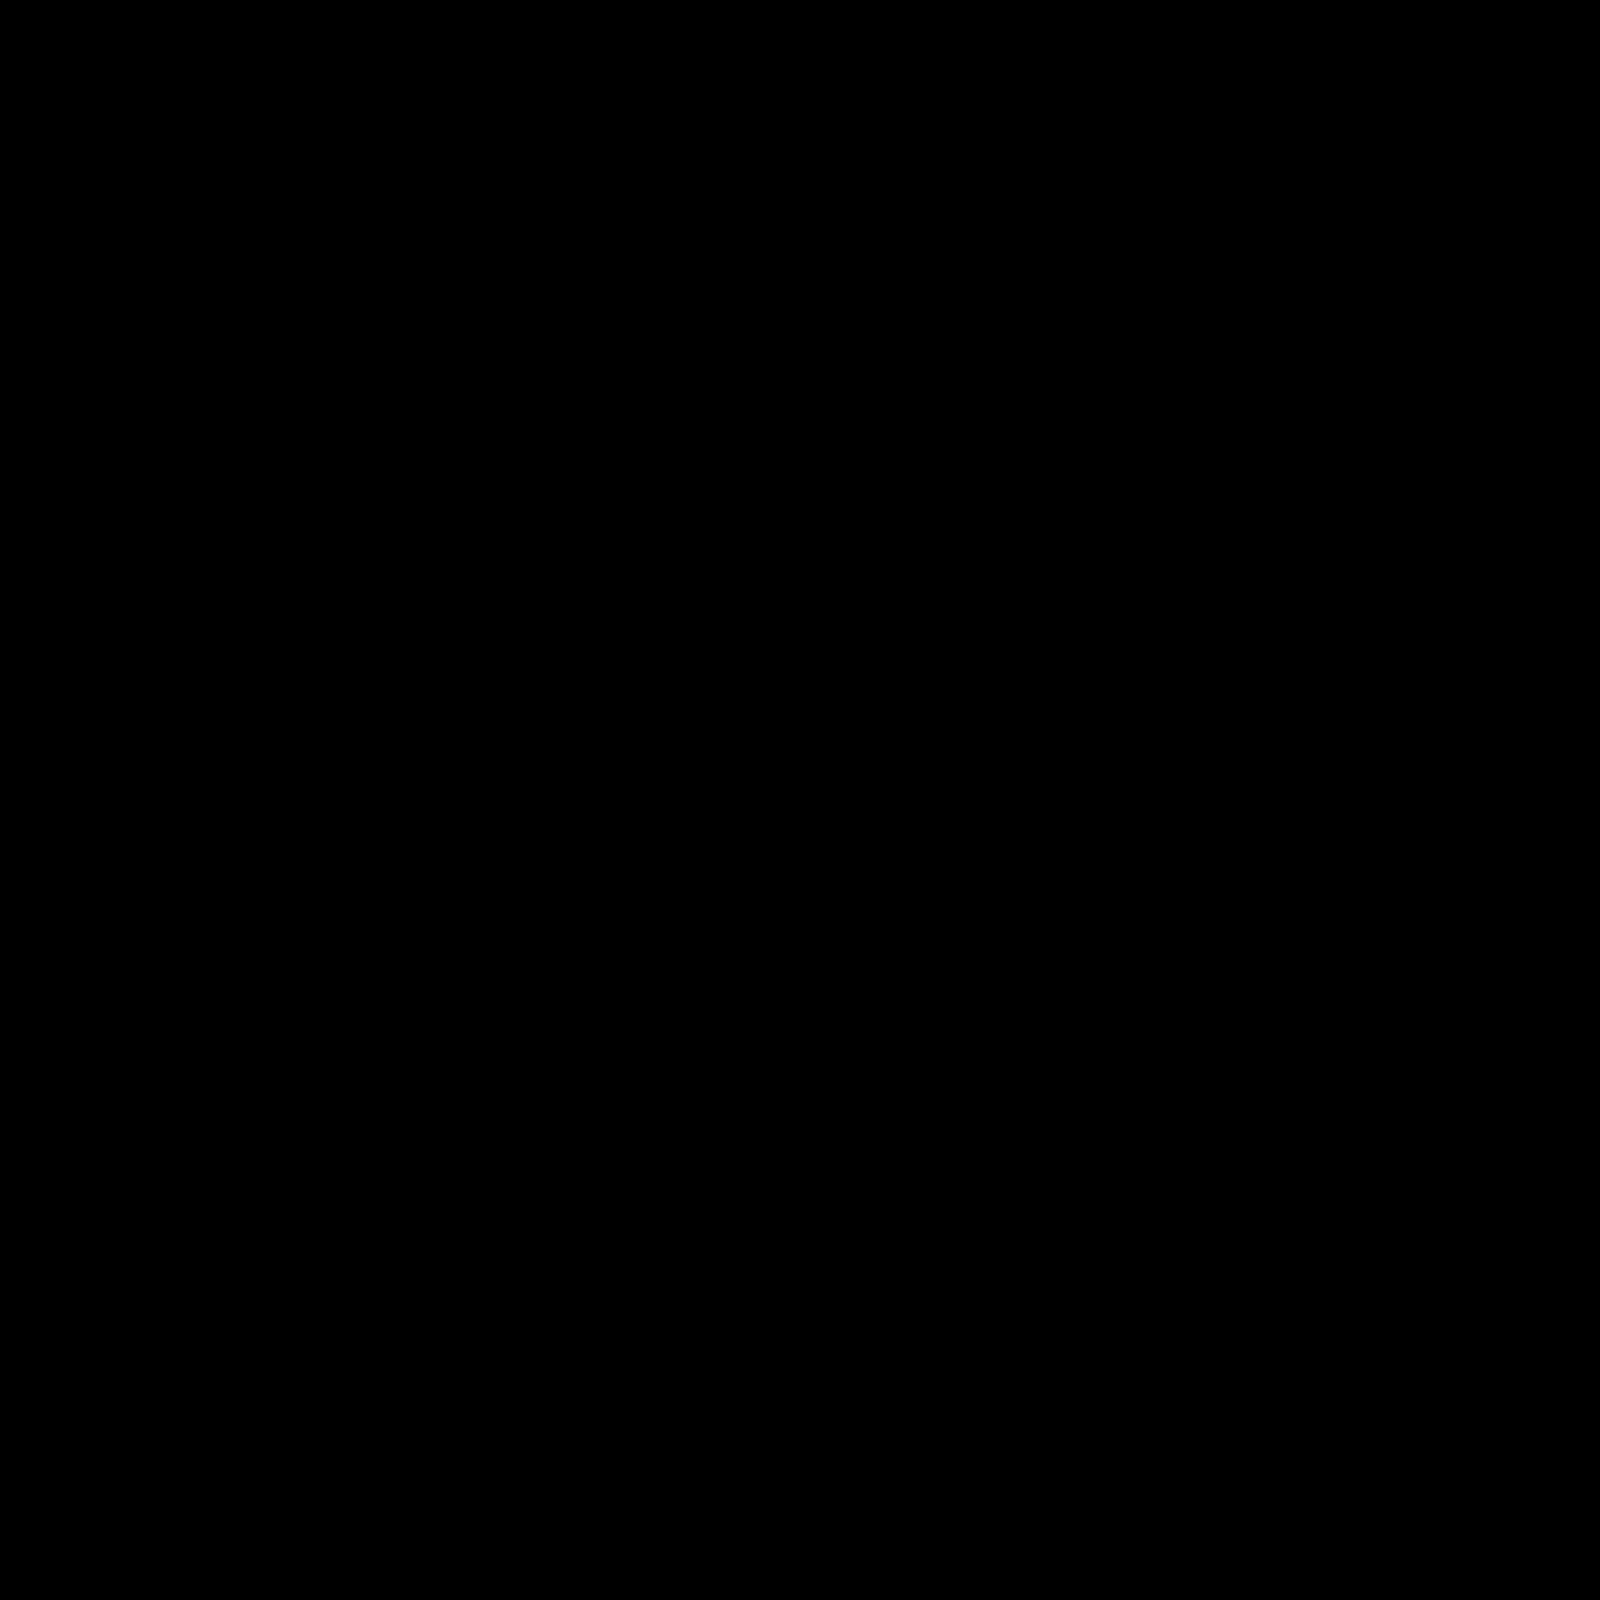 リズム icon